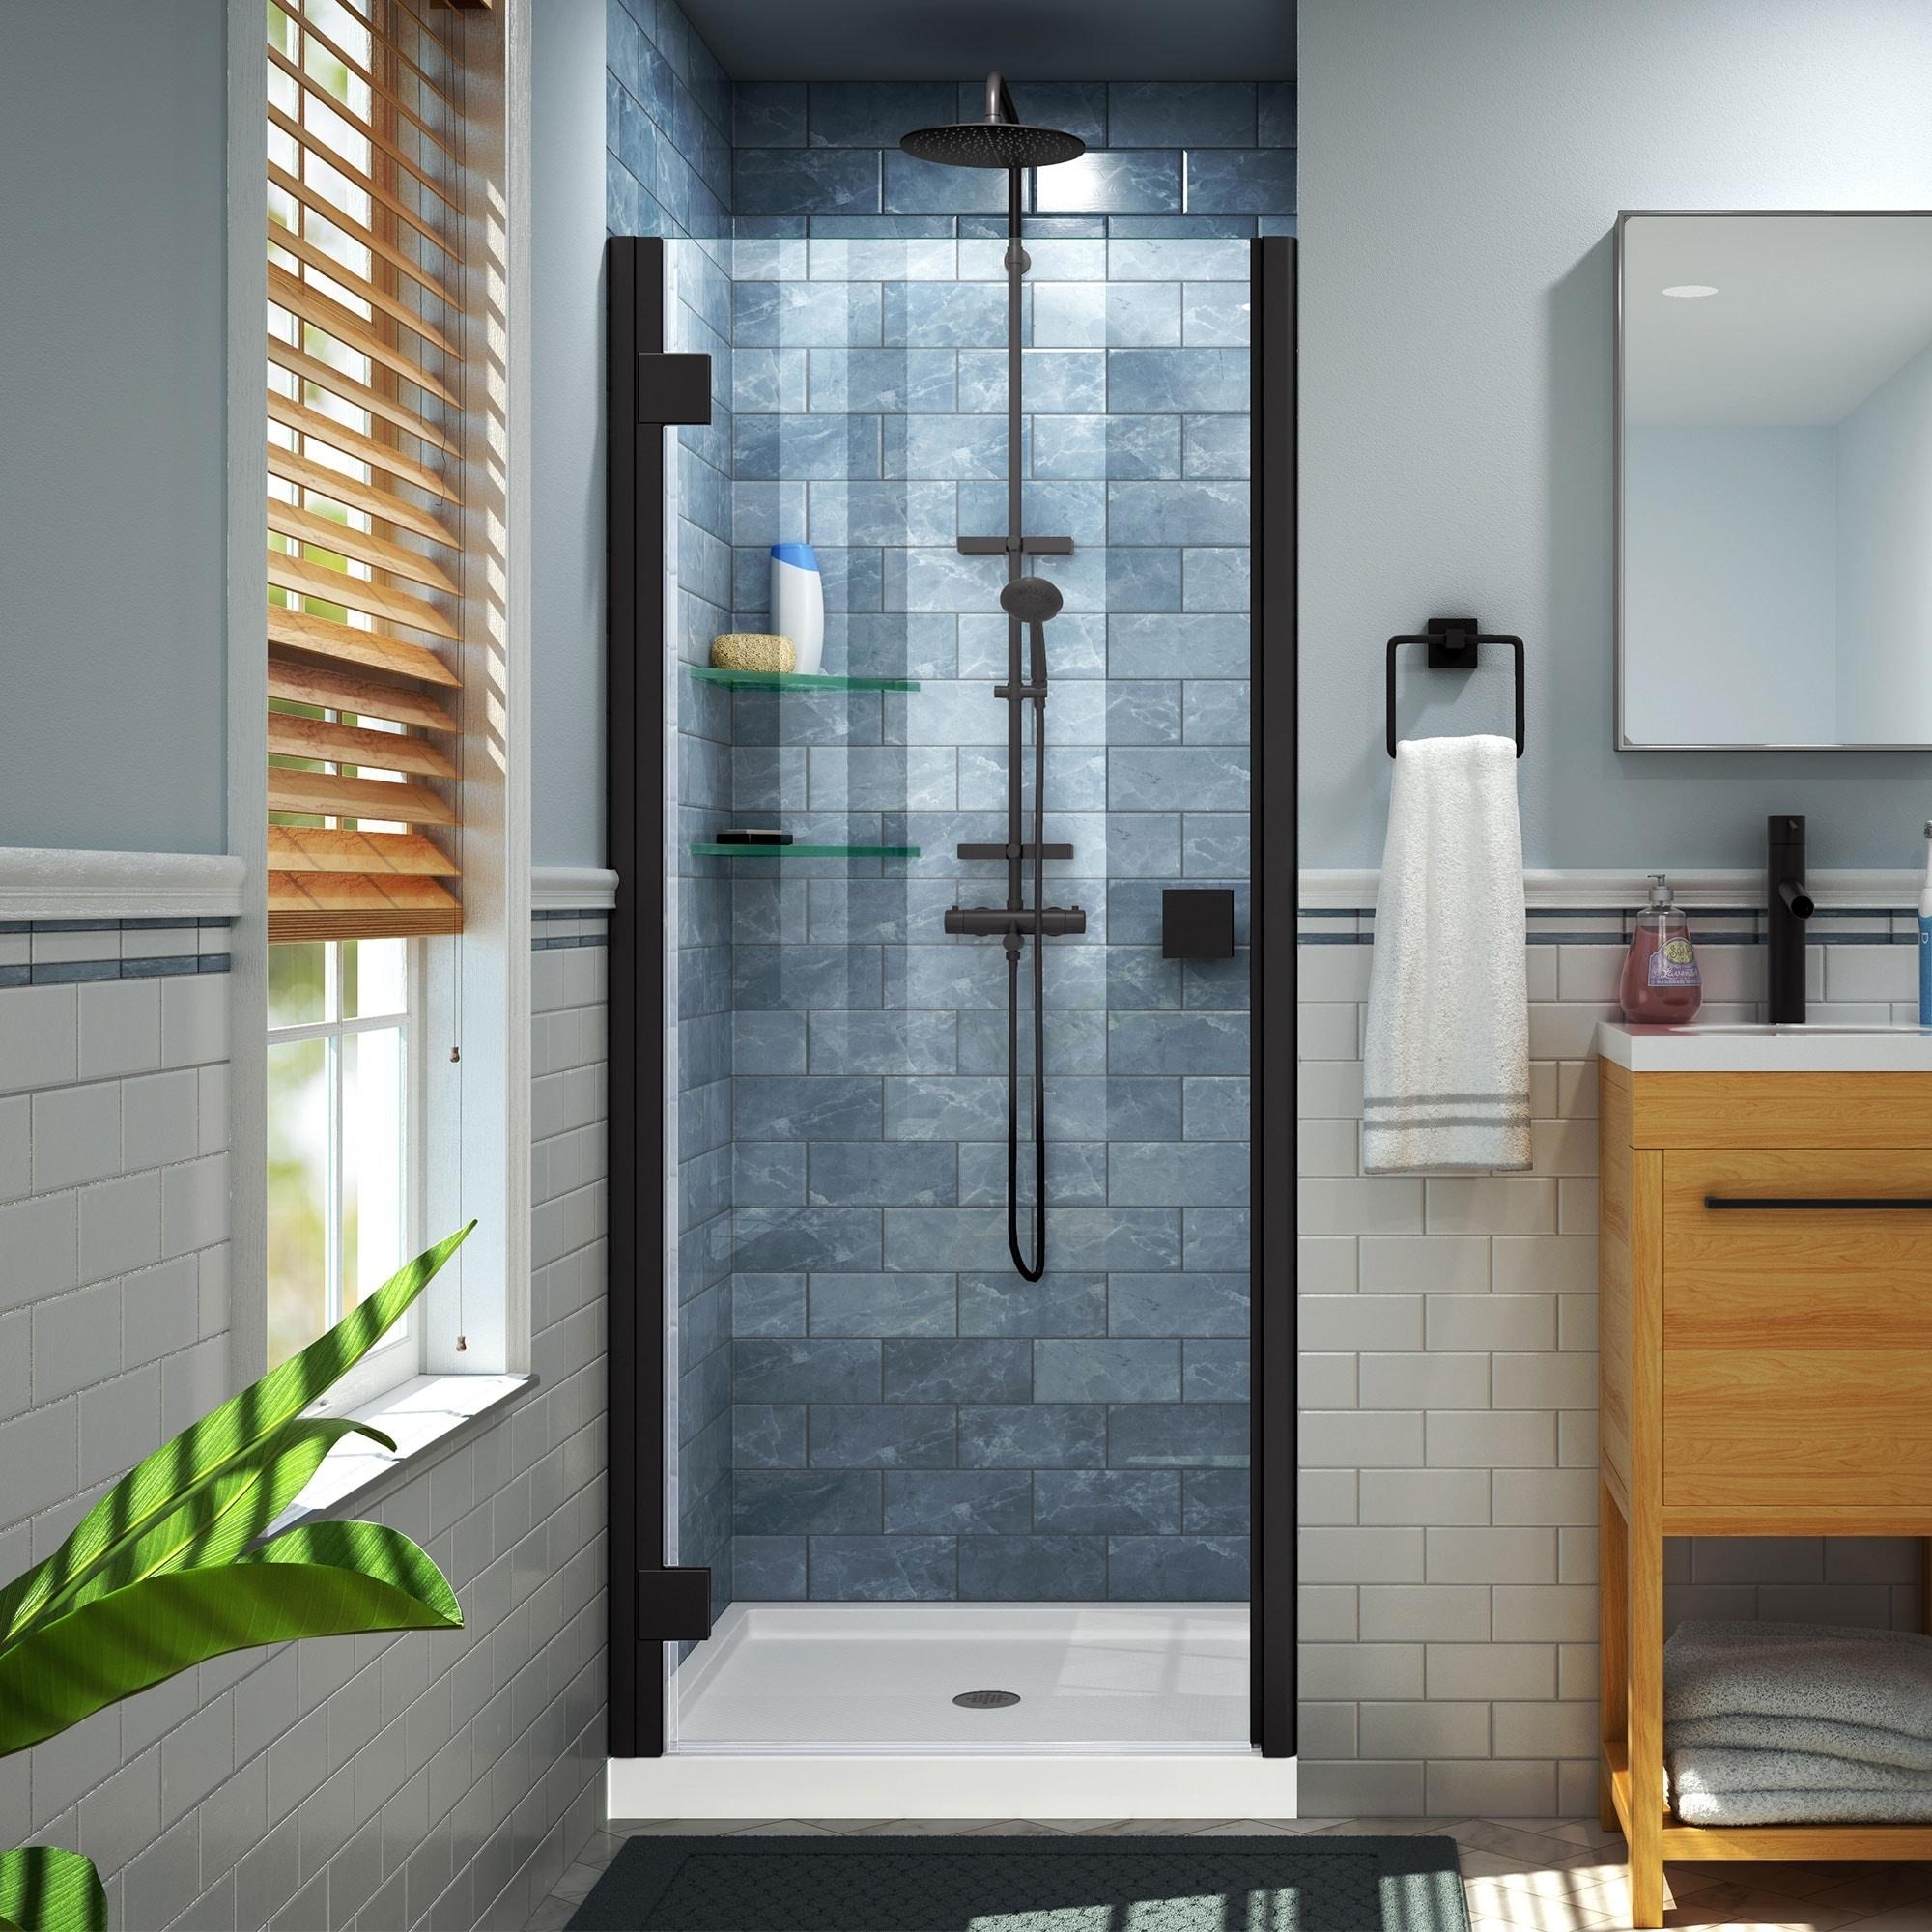 Dreamline Lumen 30 31 In W By 66 In H Semi Frameless Hinged Shower Door